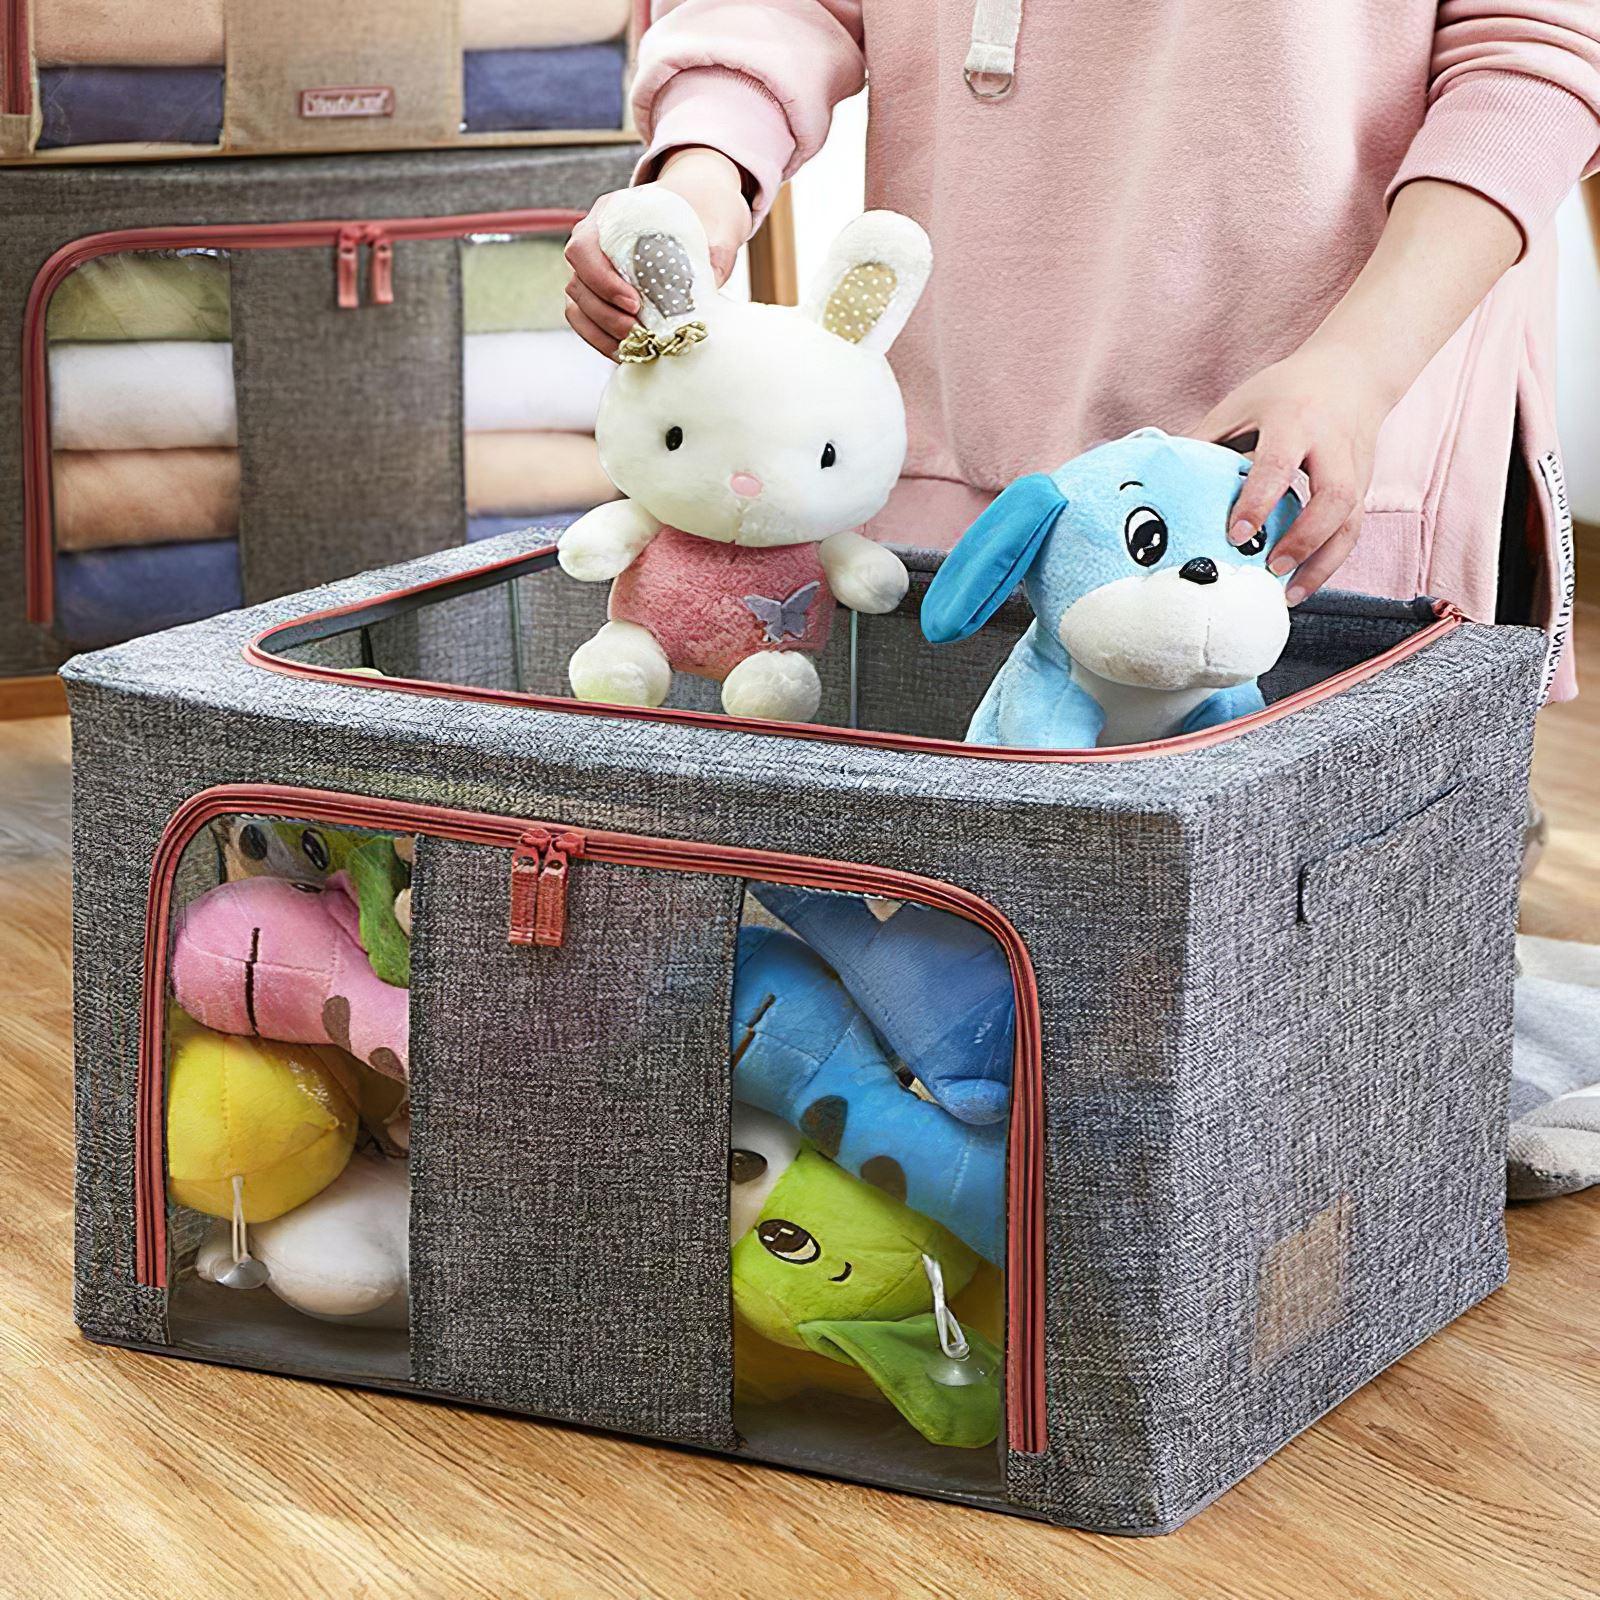 66L لحاف صندوق تخزين ملابس حقيبة طوي سعة كبيرة طفل اللعب المنظم المنزلية خزانة تخزين مقسم حقيبة مع سحاب